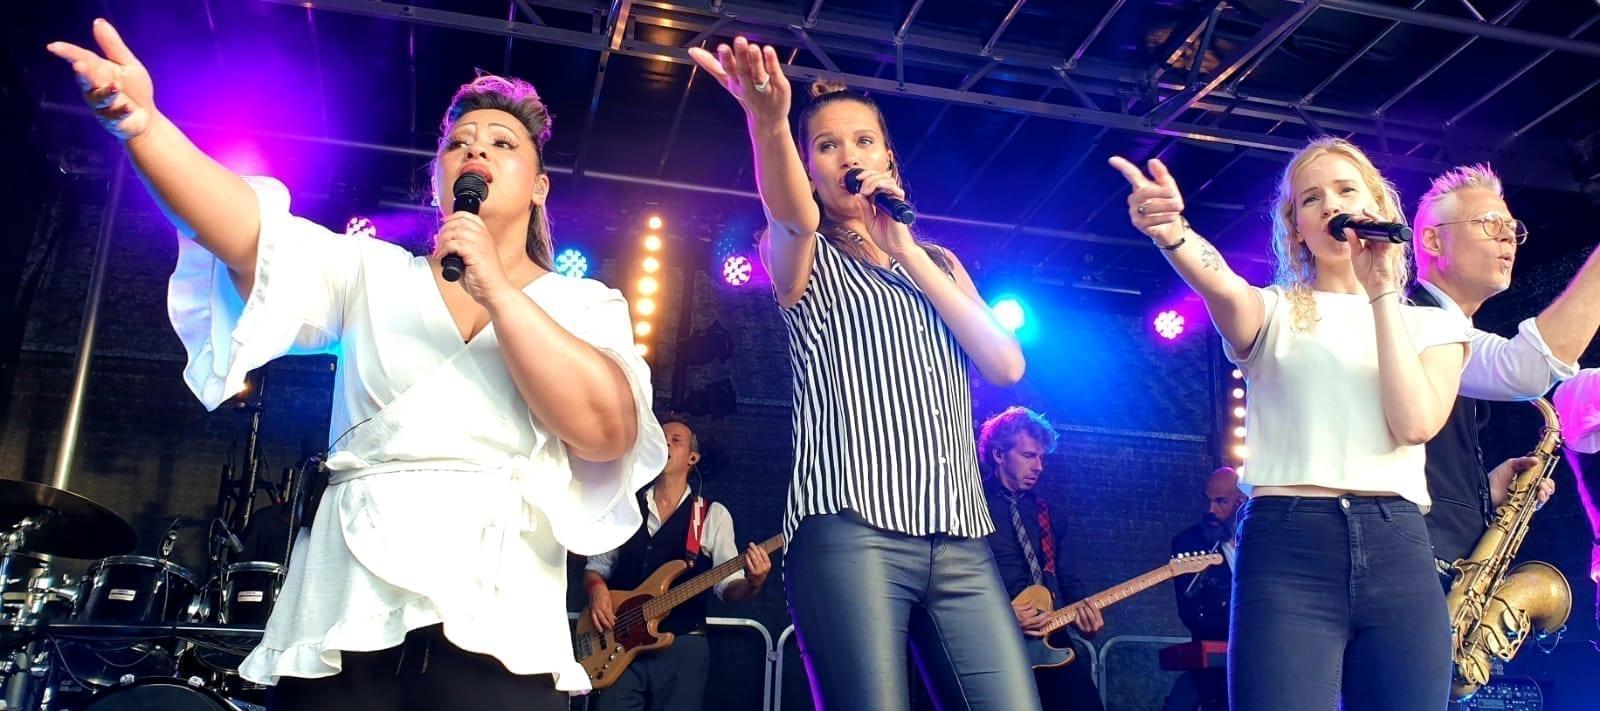 Haringparty in Breda was wederom een feestelijk muzikaal eetfestijn   feestband.com